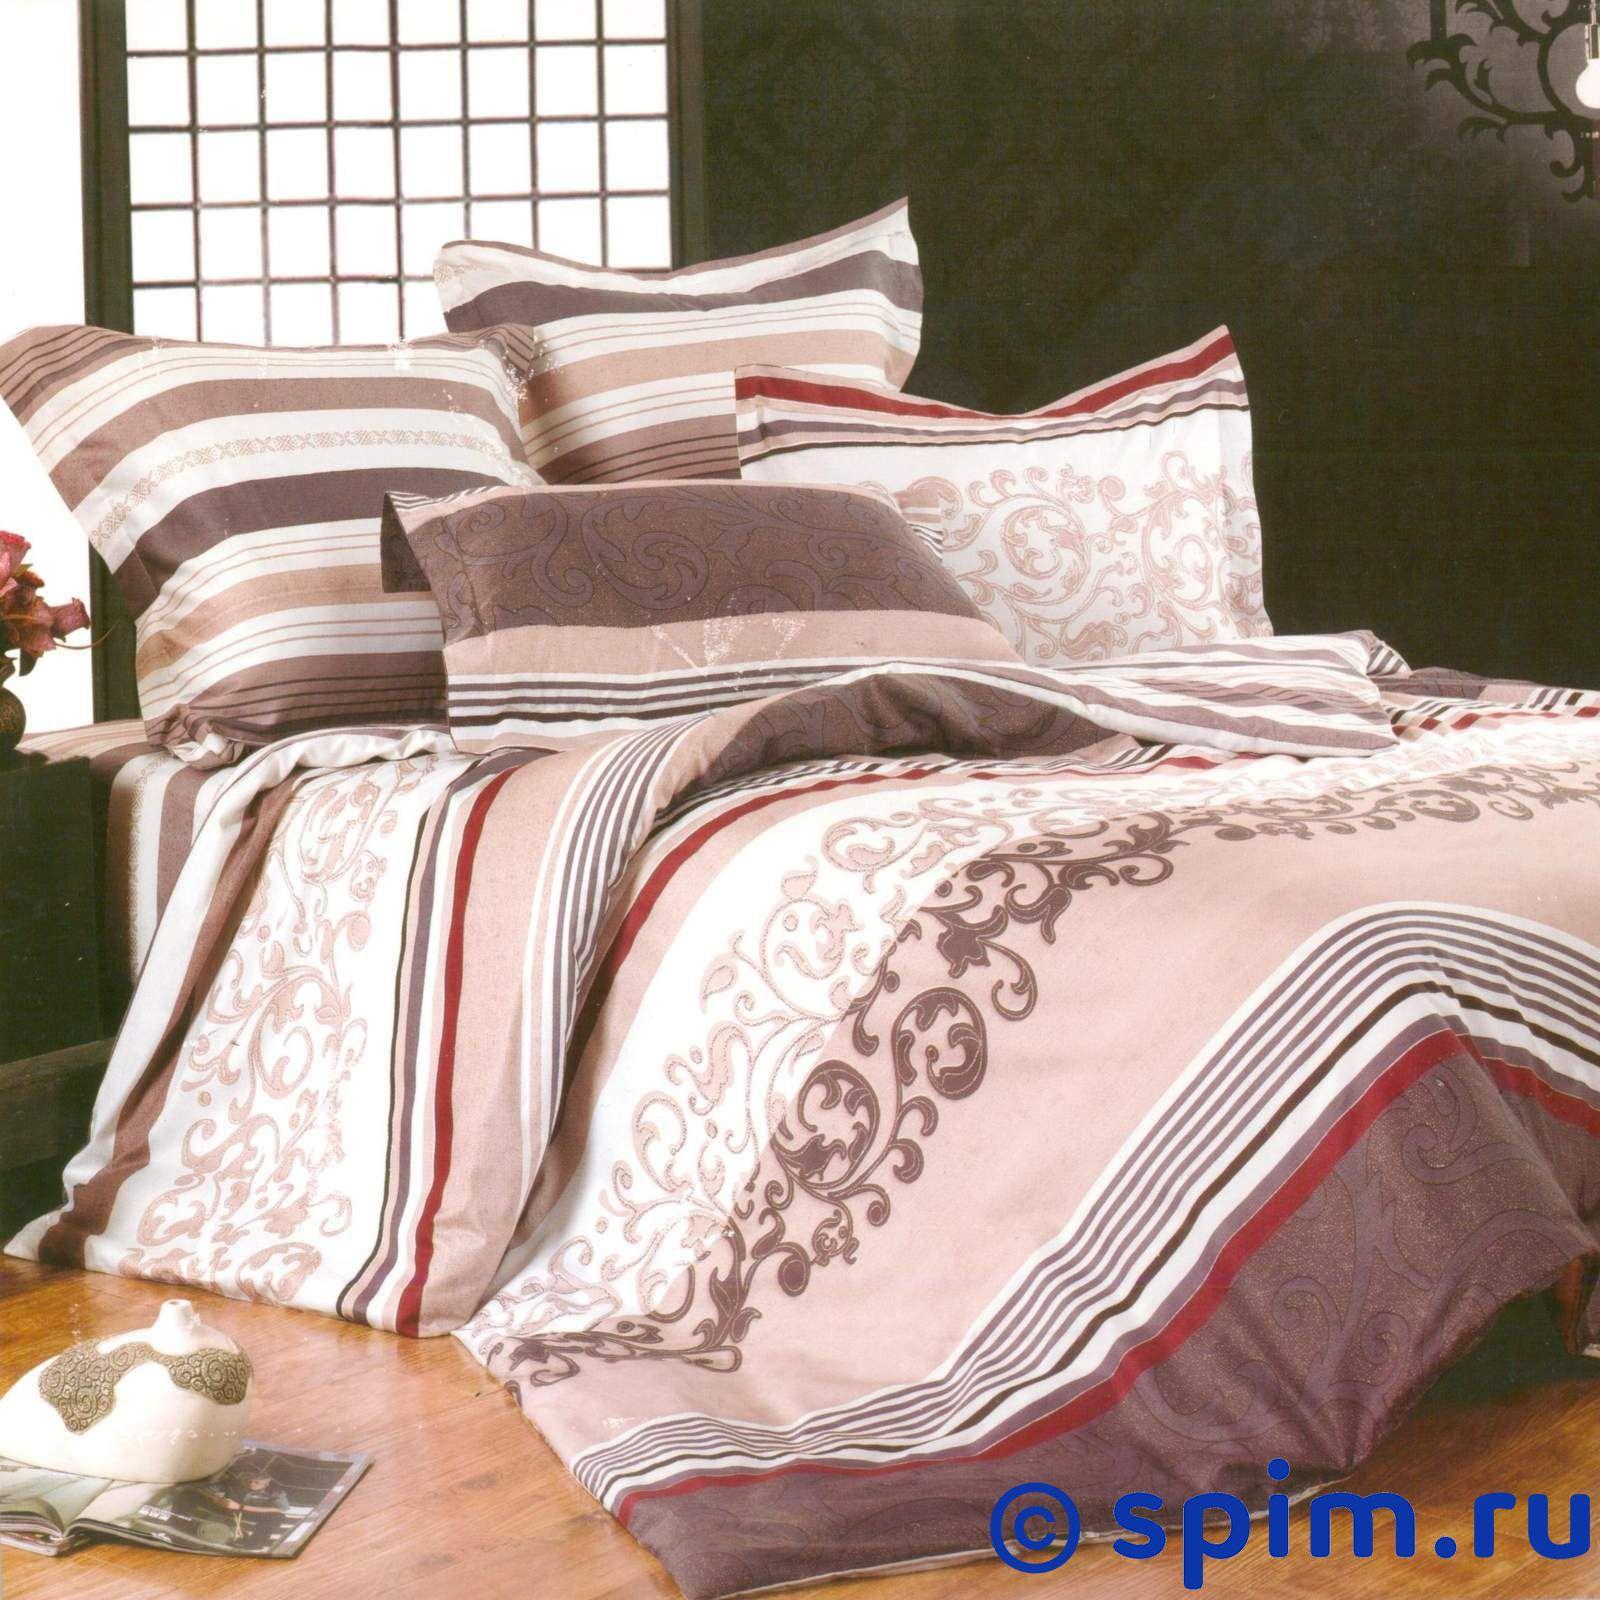 Комплект СайлиД В108 1.5 спальное